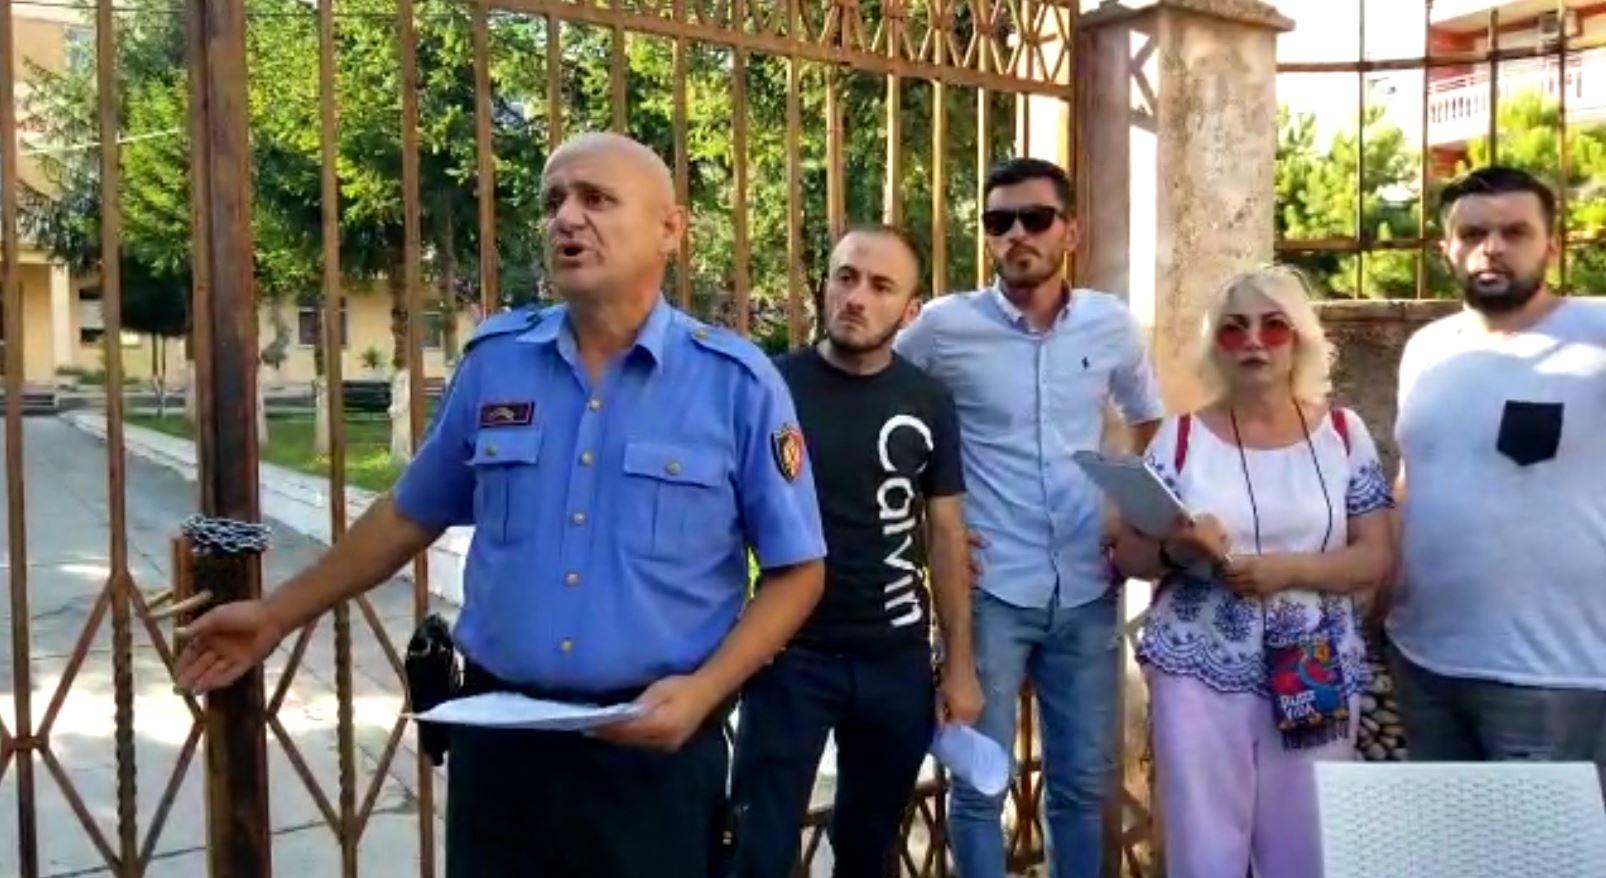 Bashkia Shkodër: Dhunohen në mënyrë të paligjshme institucionet vendore